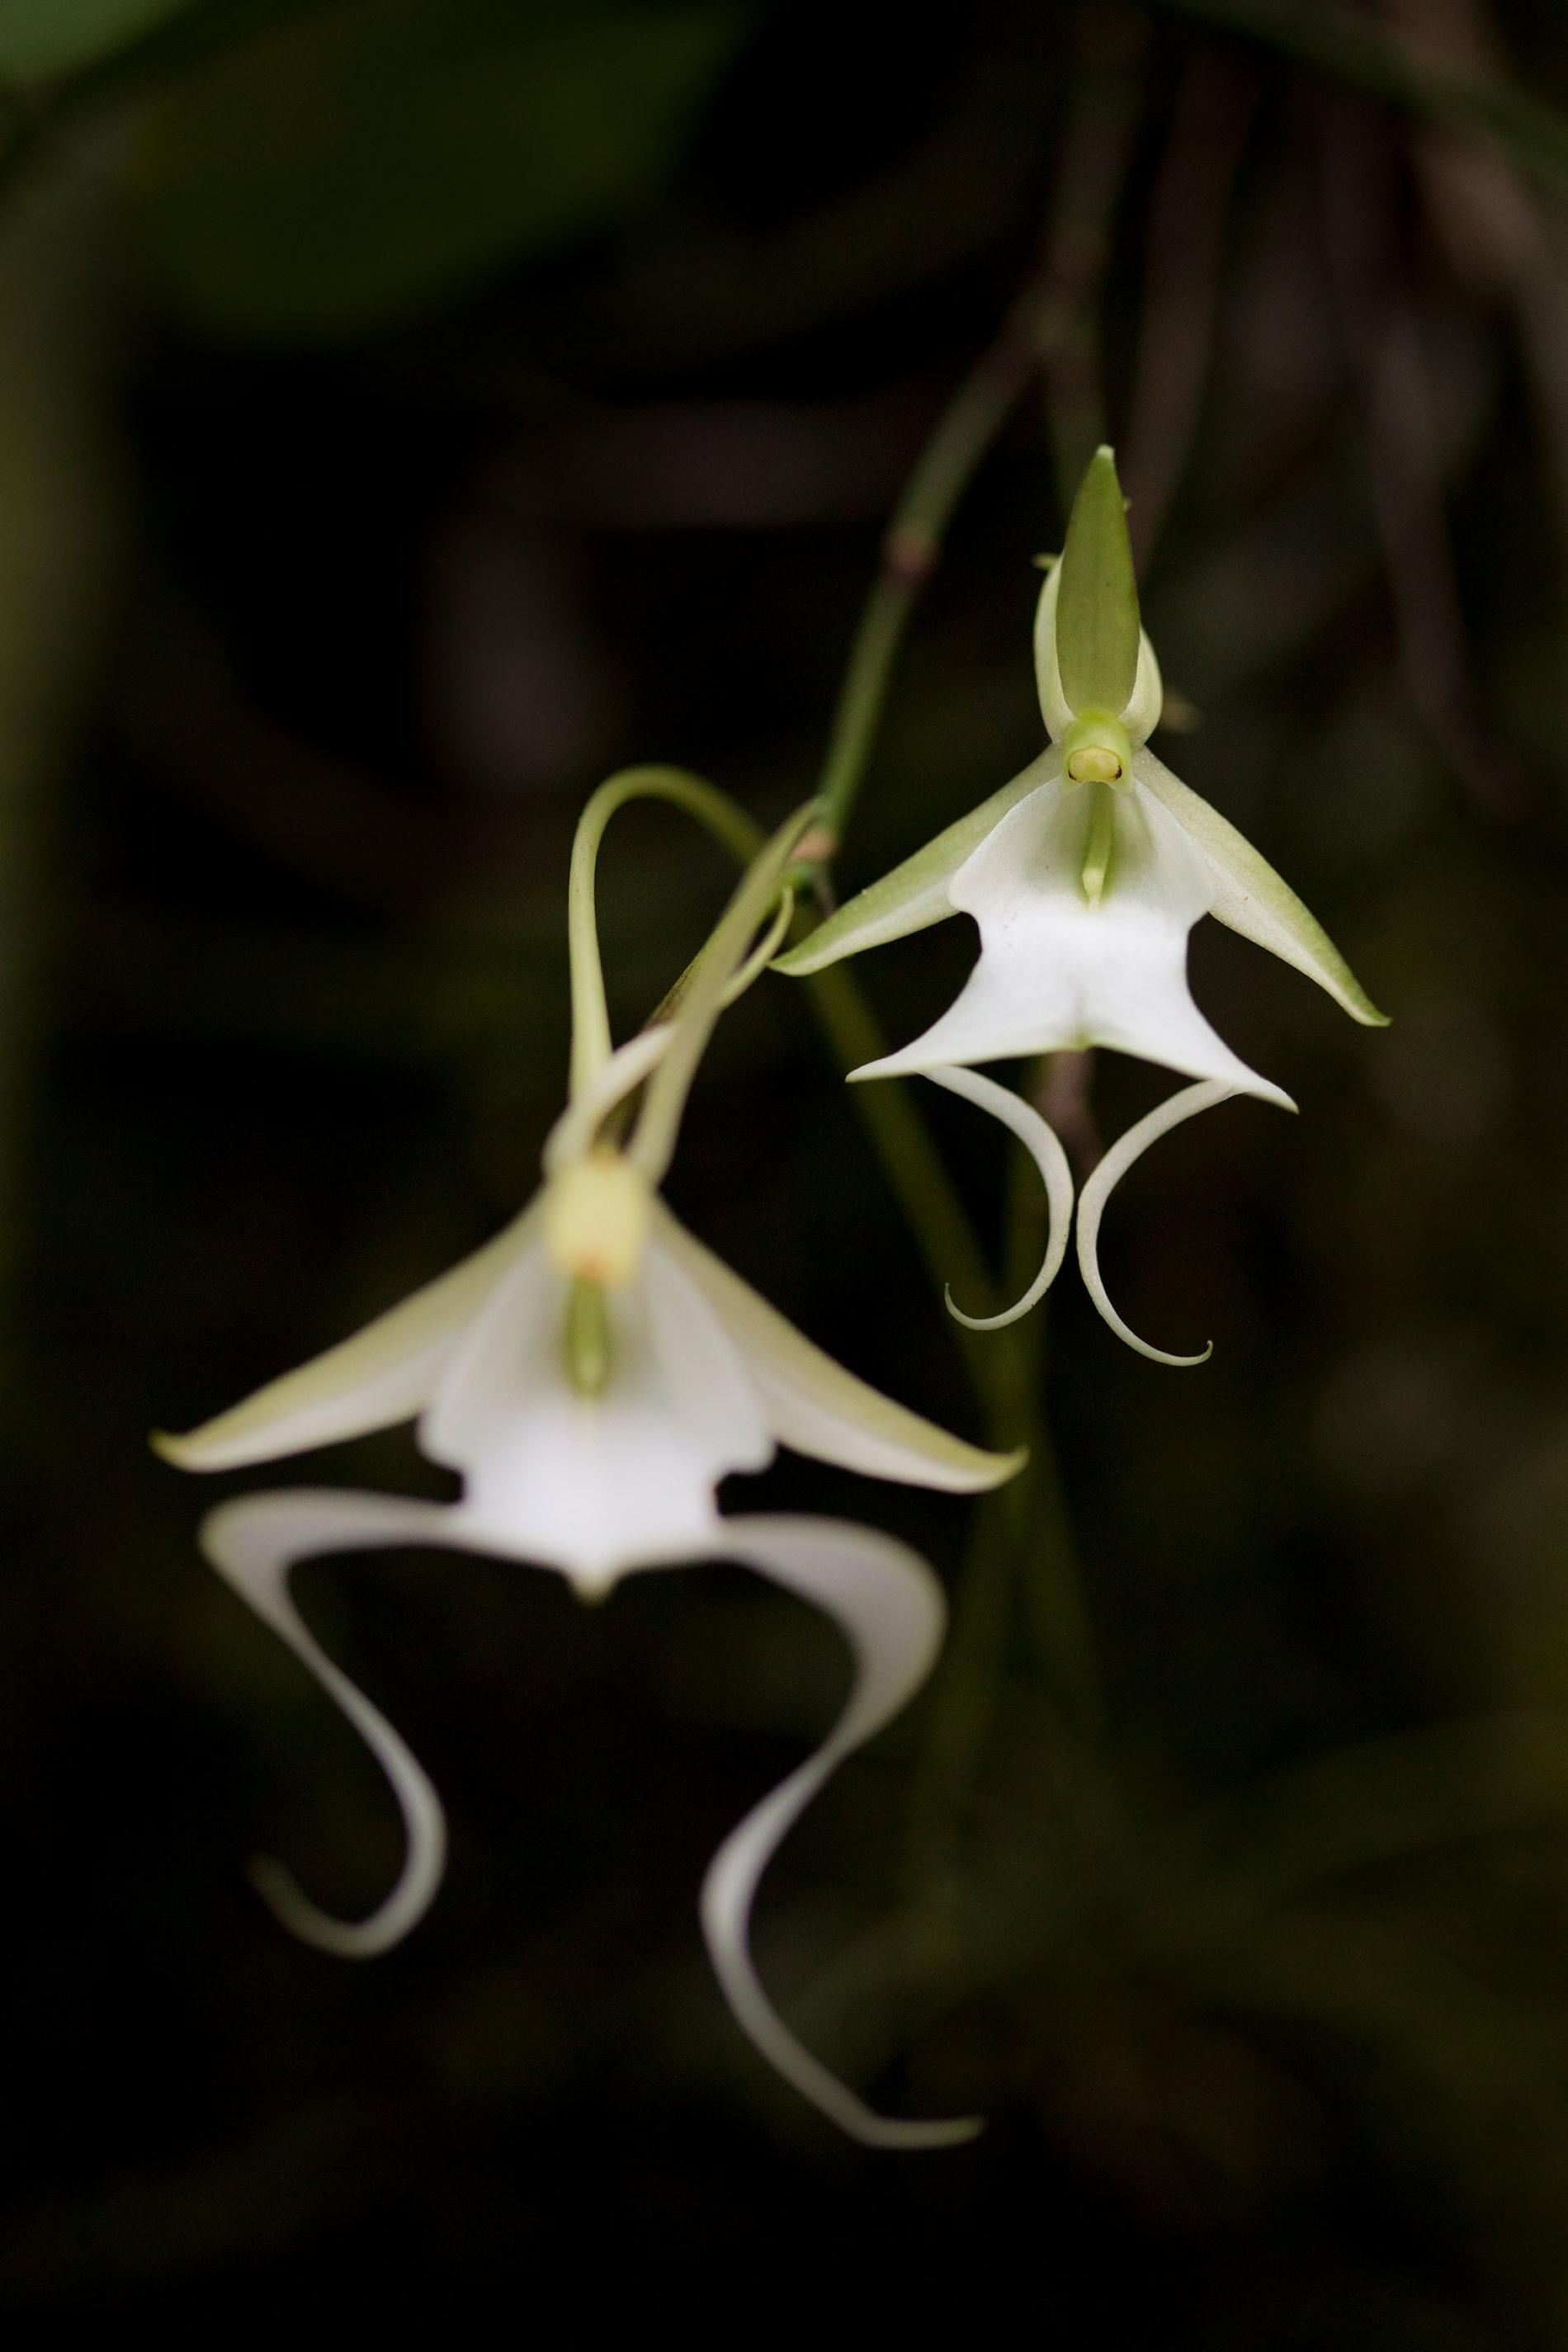 稀有的鬼蘭主要生長在南佛羅里達的三個保護區,它迷人的花朵已讓世界各地的人陶醉。PHOTOGRAPH BY MAC STONE